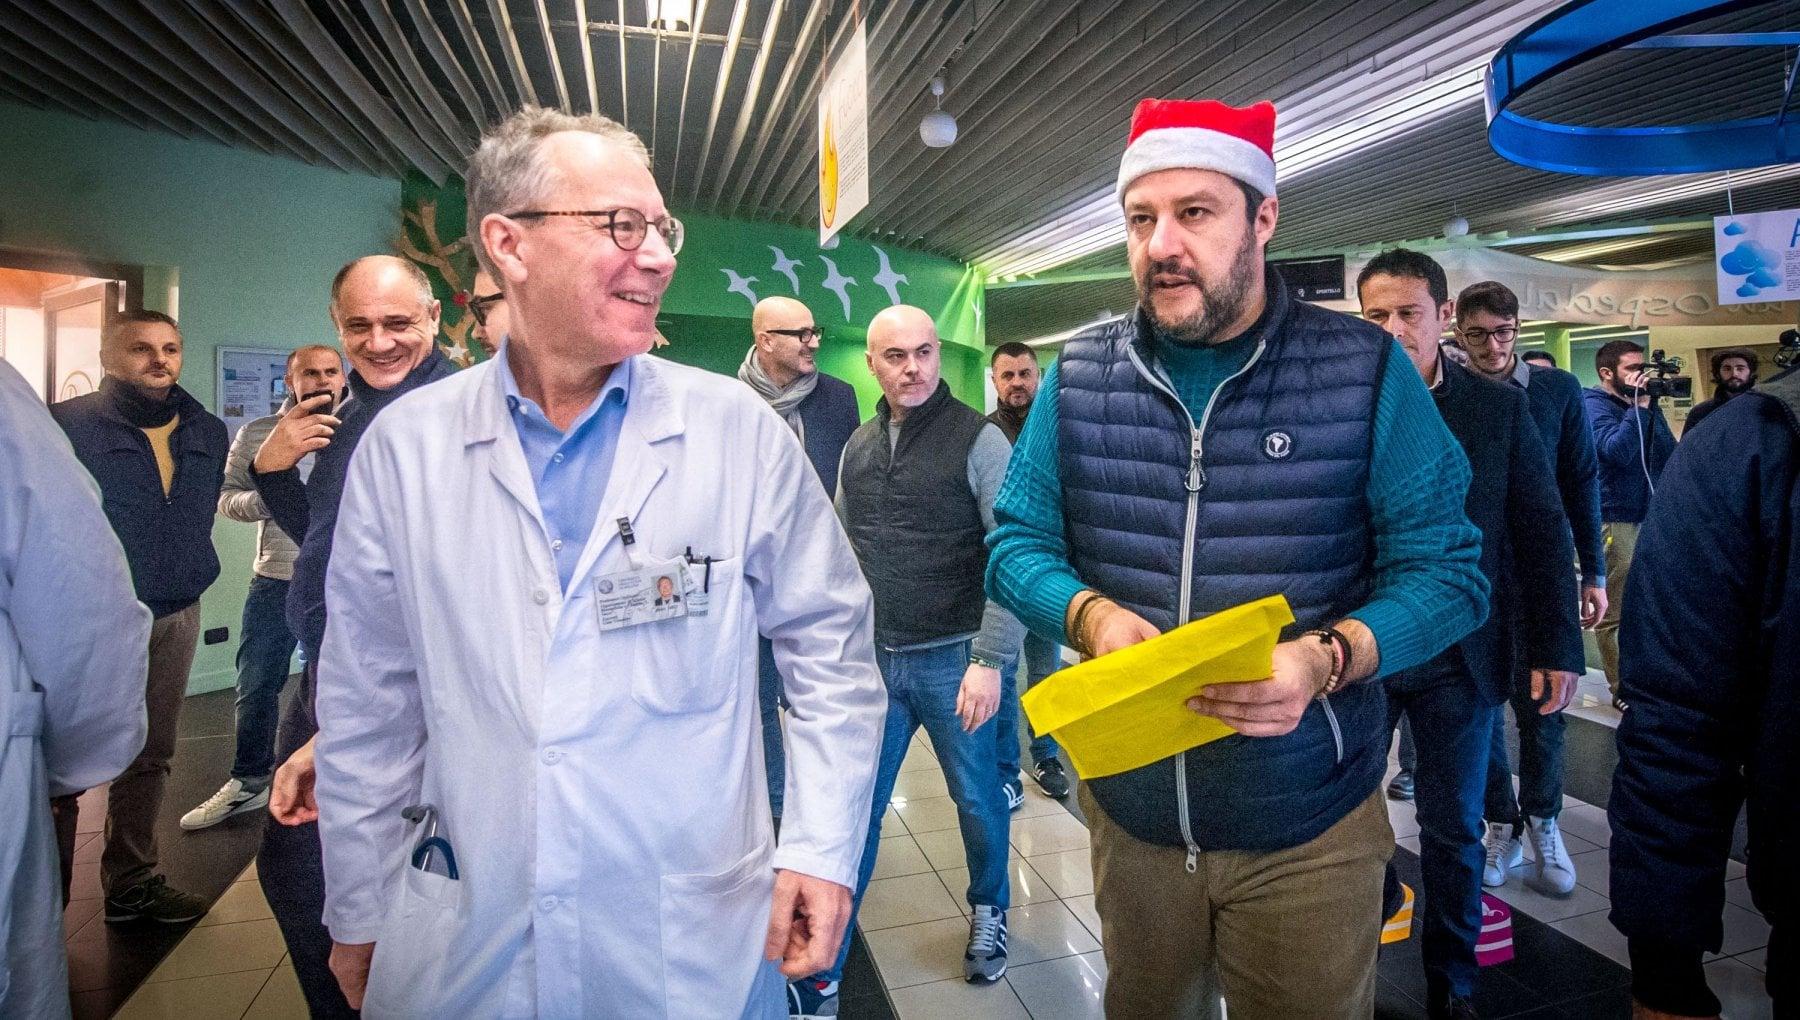 Gian Vincenzo Zuccotti il medico in pista per sostituire Gallera alla Sanita in Lombardia